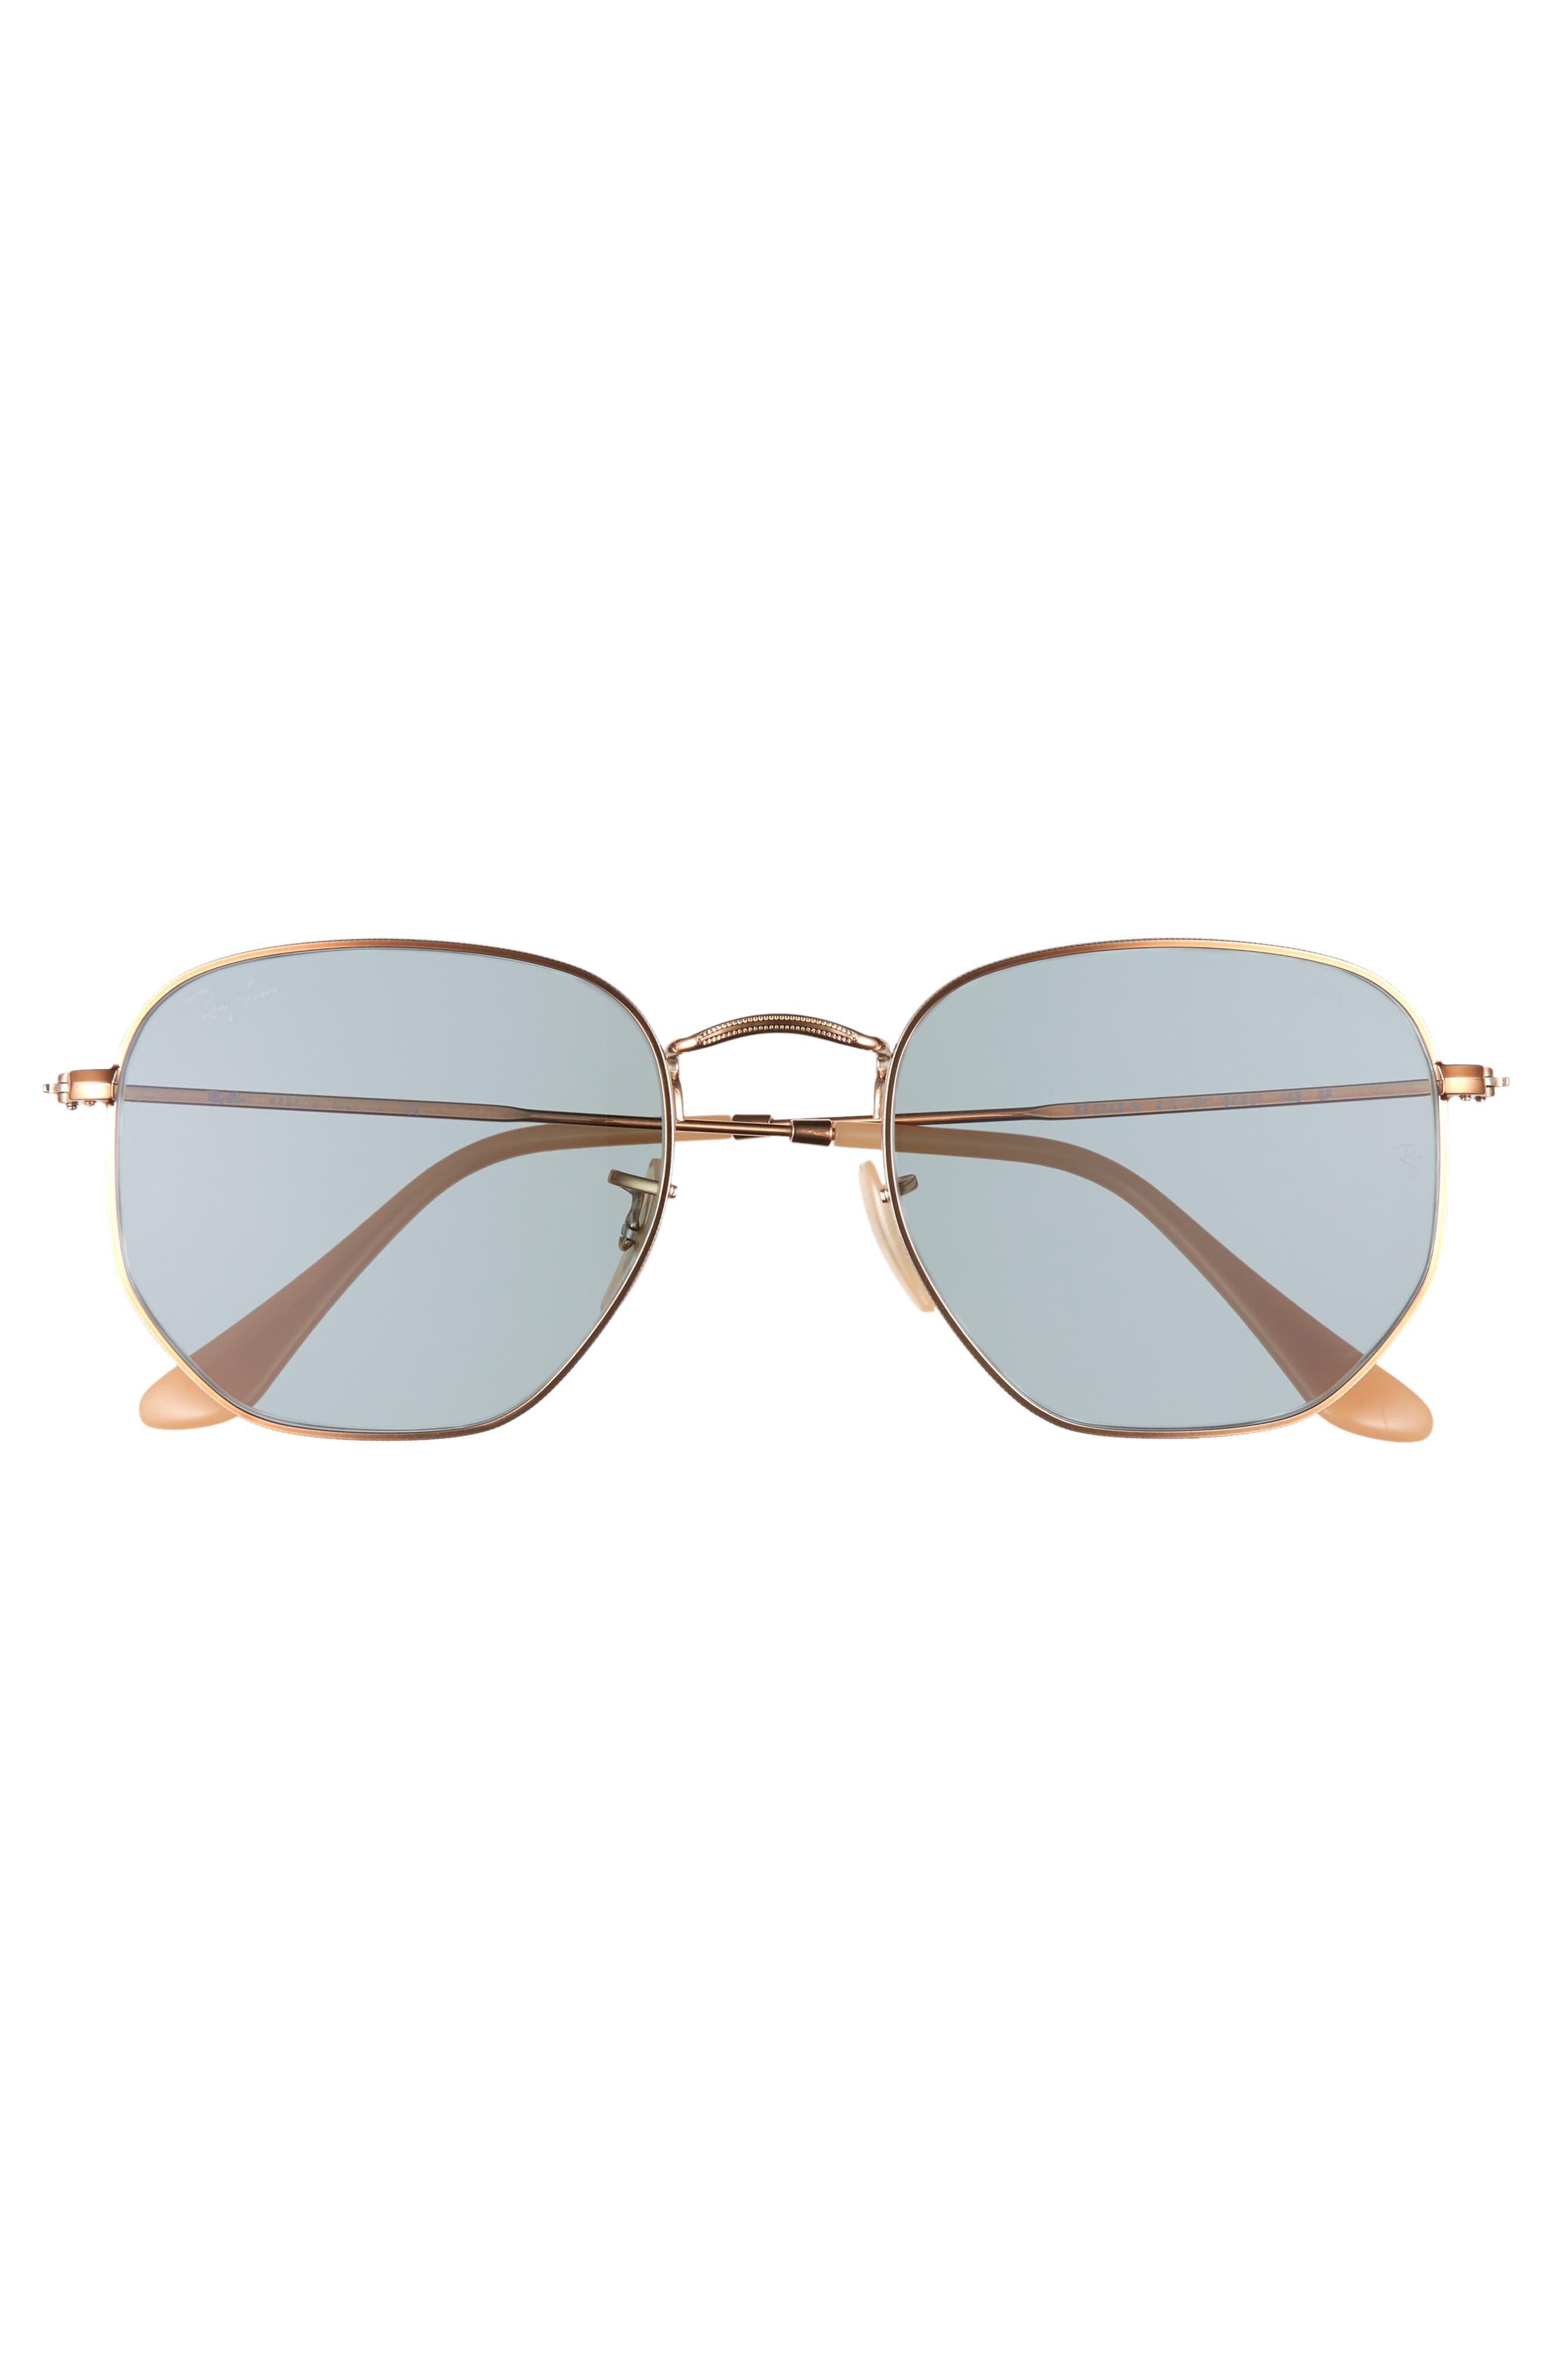 ,                             54mm Evolve Photochromic Hexagon Sunglasses,                             Alternate thumbnail 3, color,                             GOLD/ LIGHT BLUE SOLID